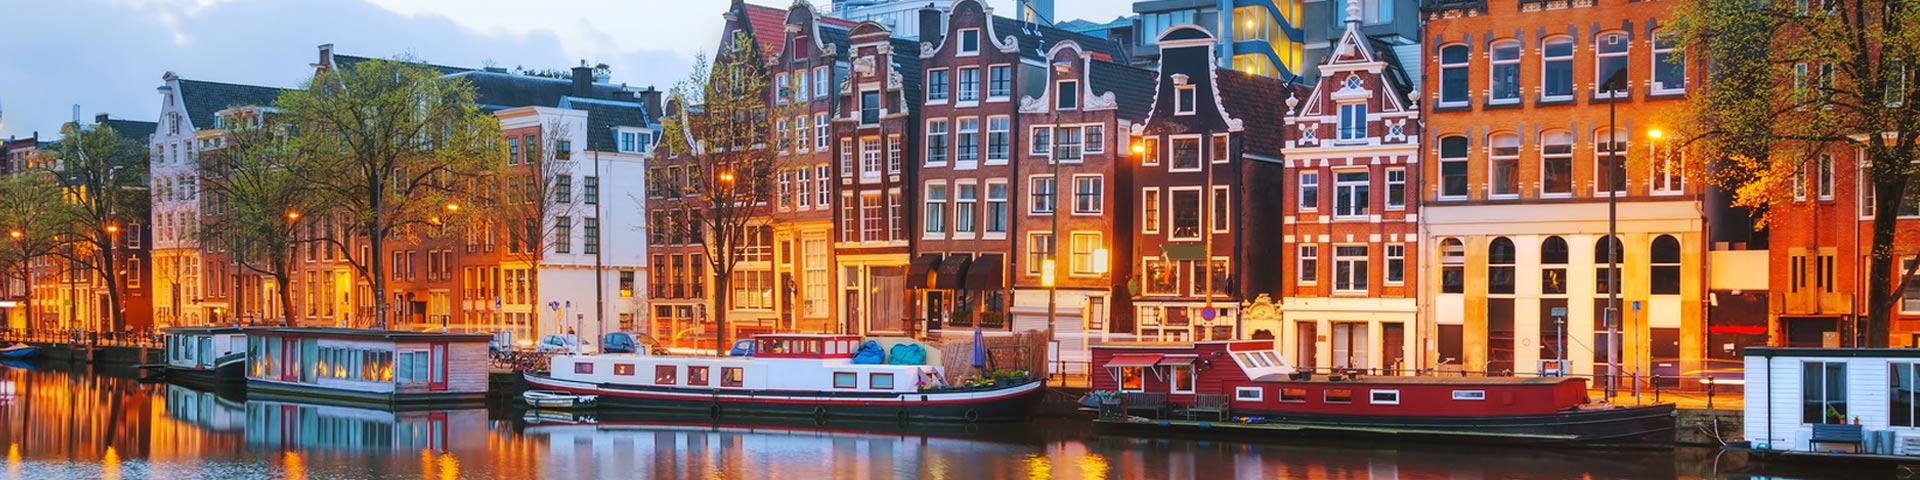 Amsterdam hero